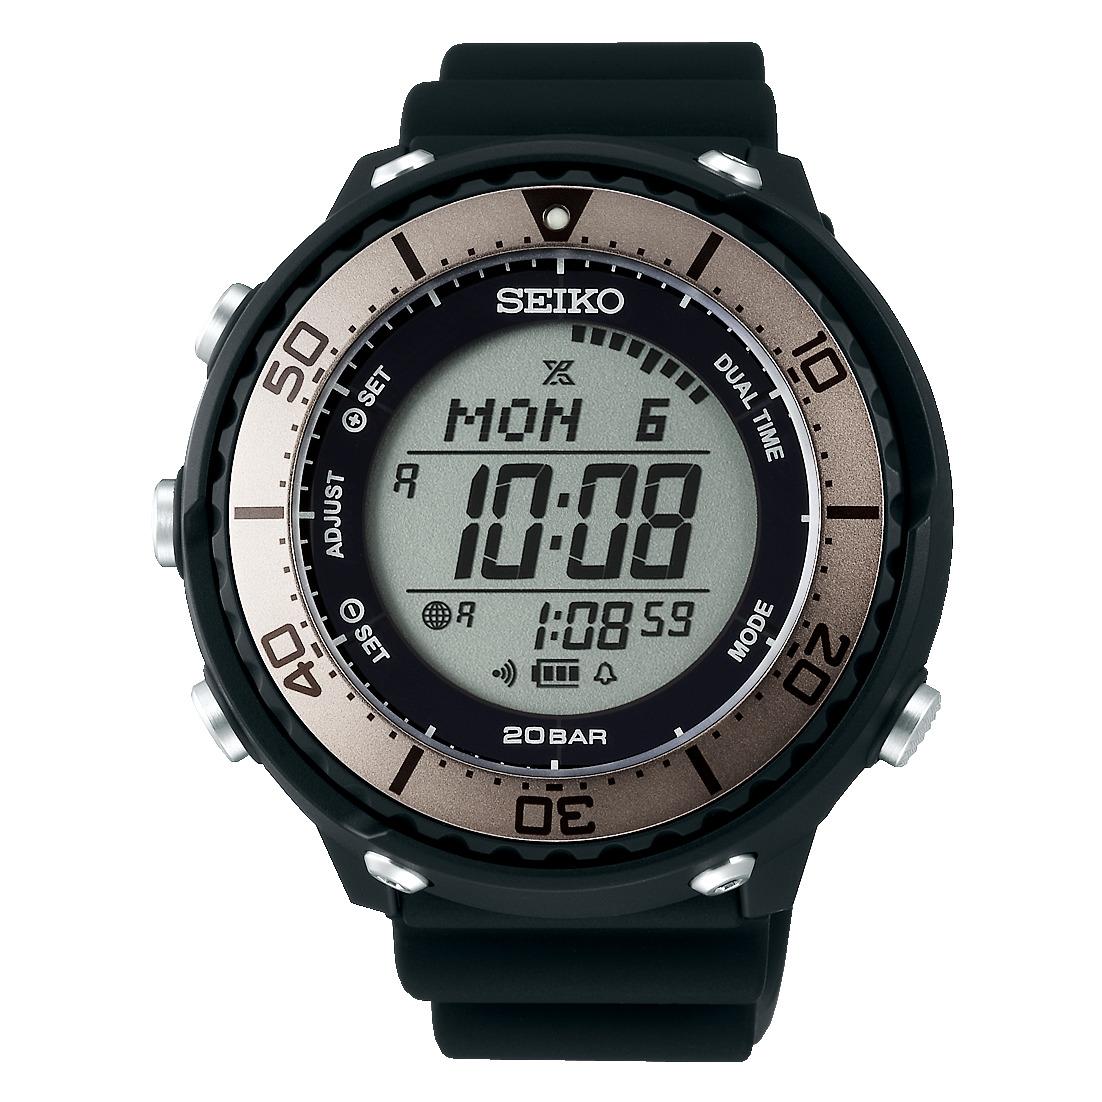 正規品 SEIKO PROSPEX セイコー プロスペックス SBEP023 LOWERCASEプロデュースモデル 腕時計